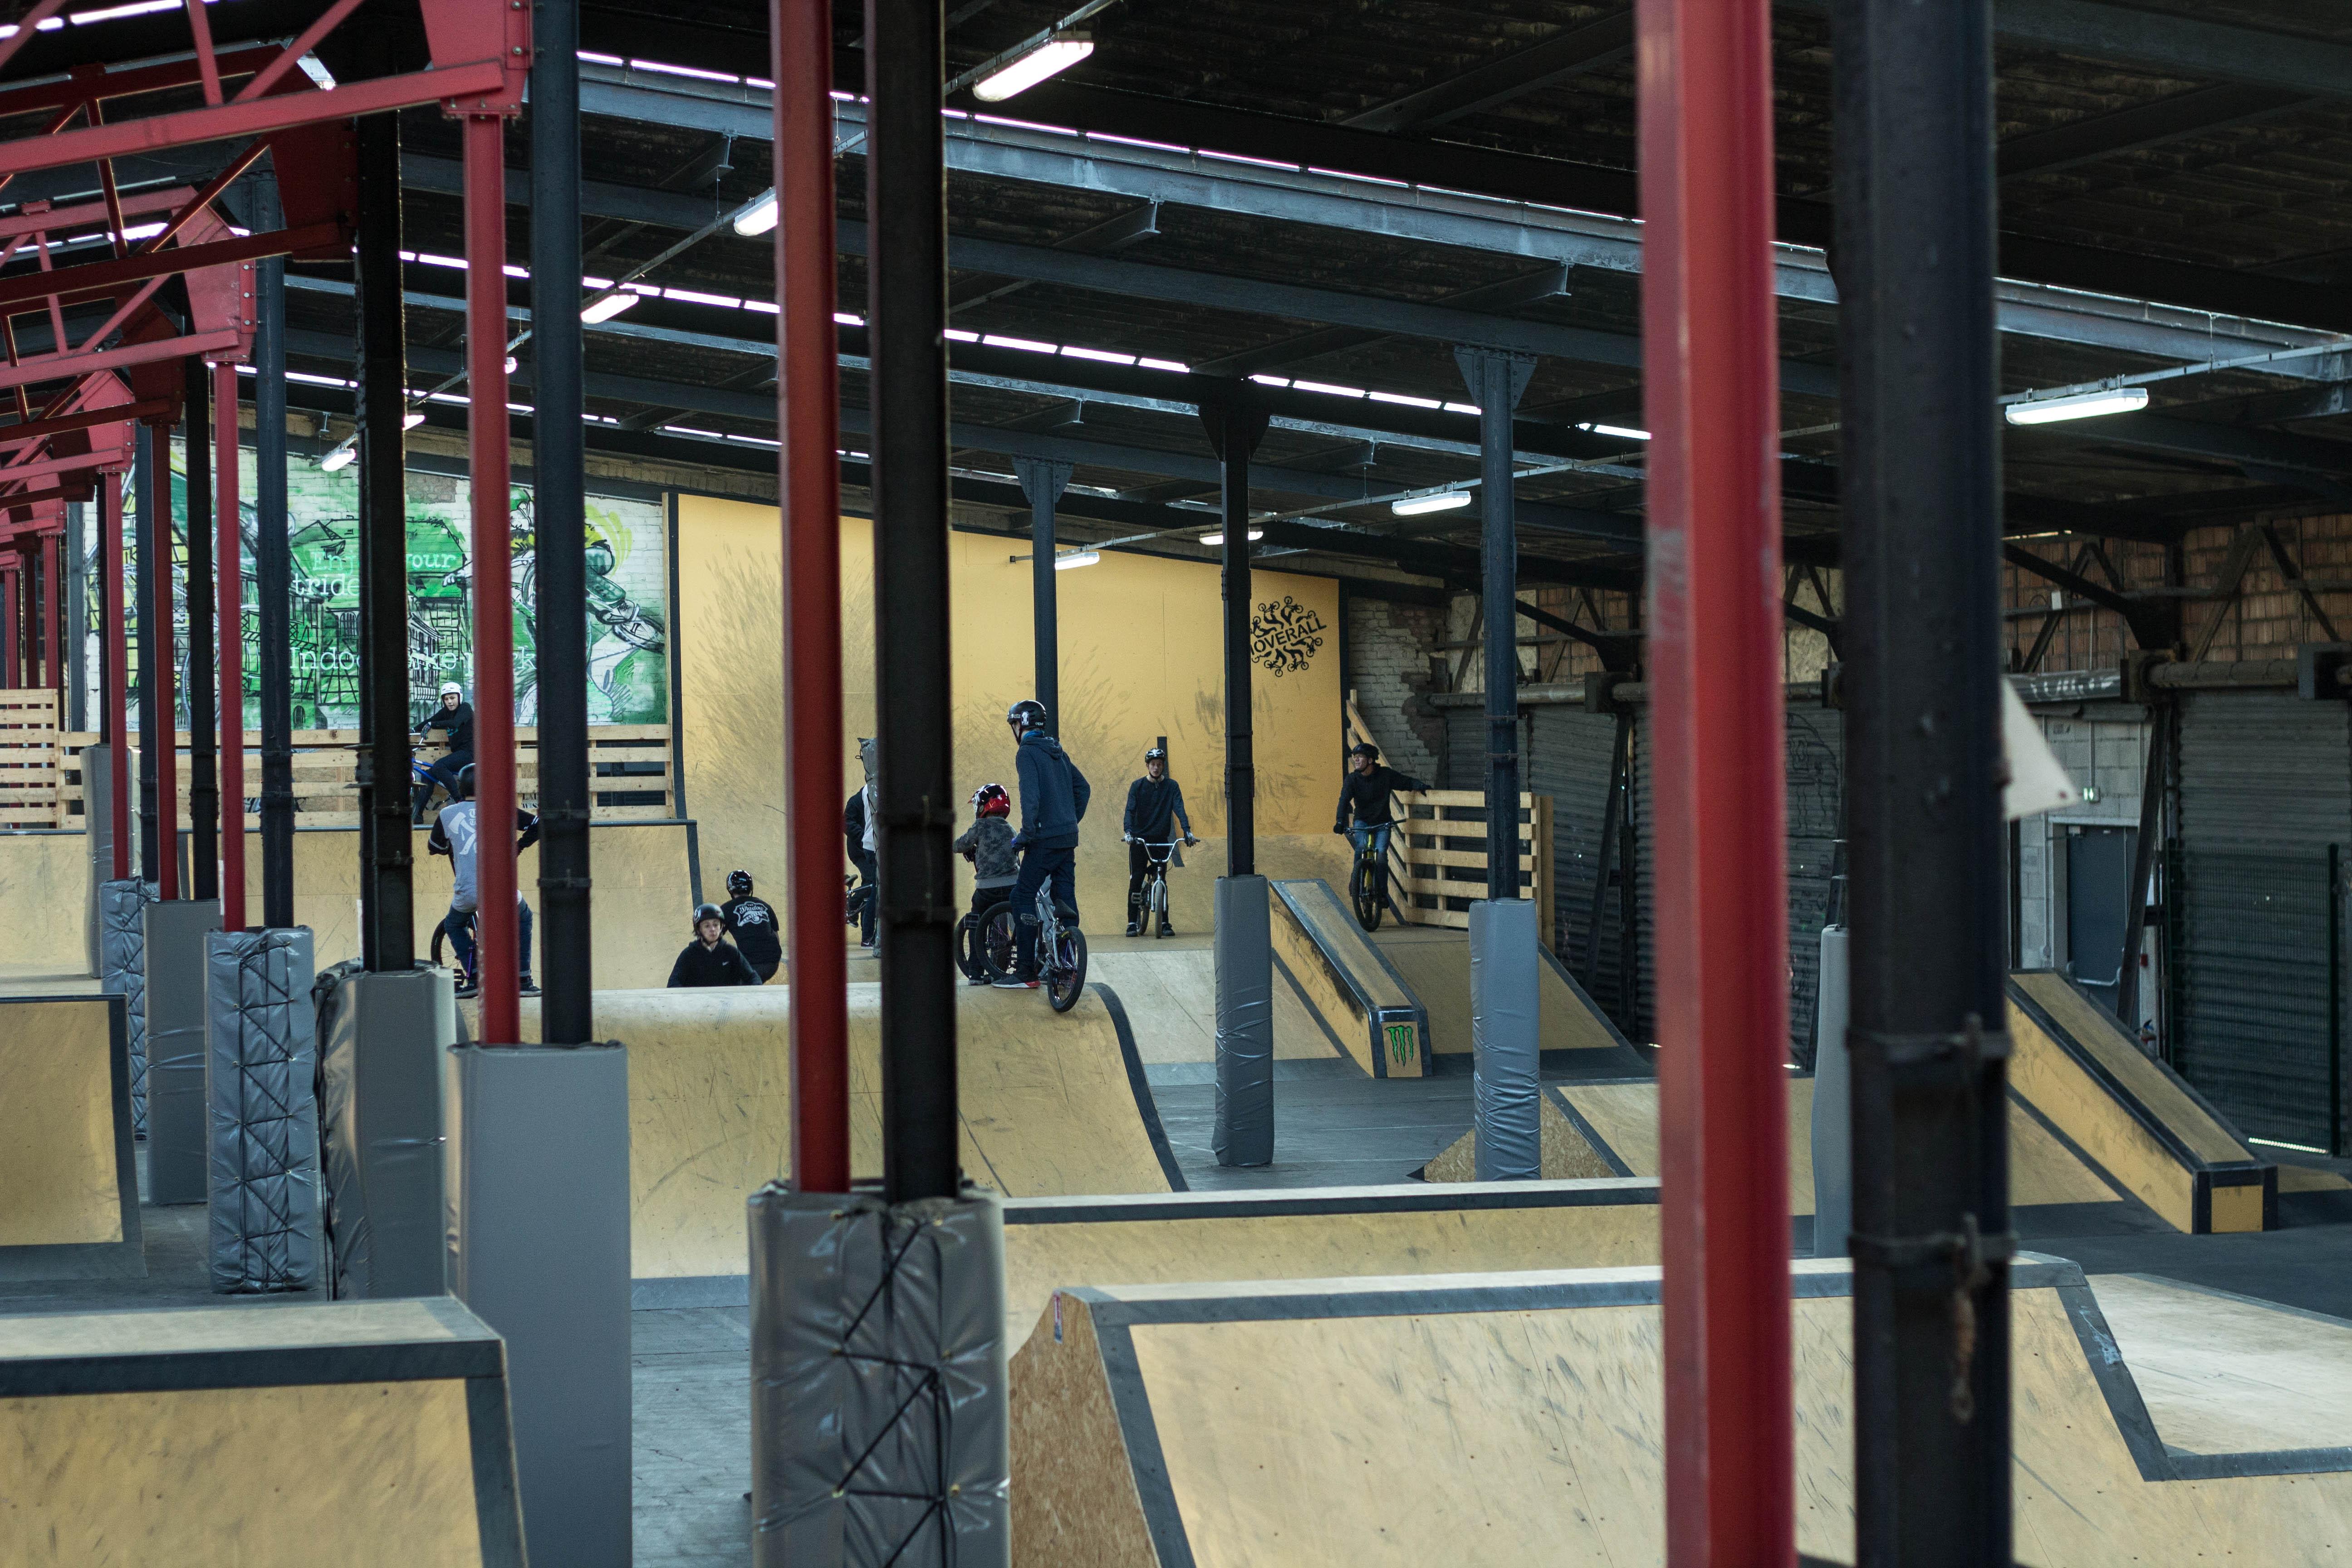 Großzügig angelegter Park für Bmx und Dirtbikes